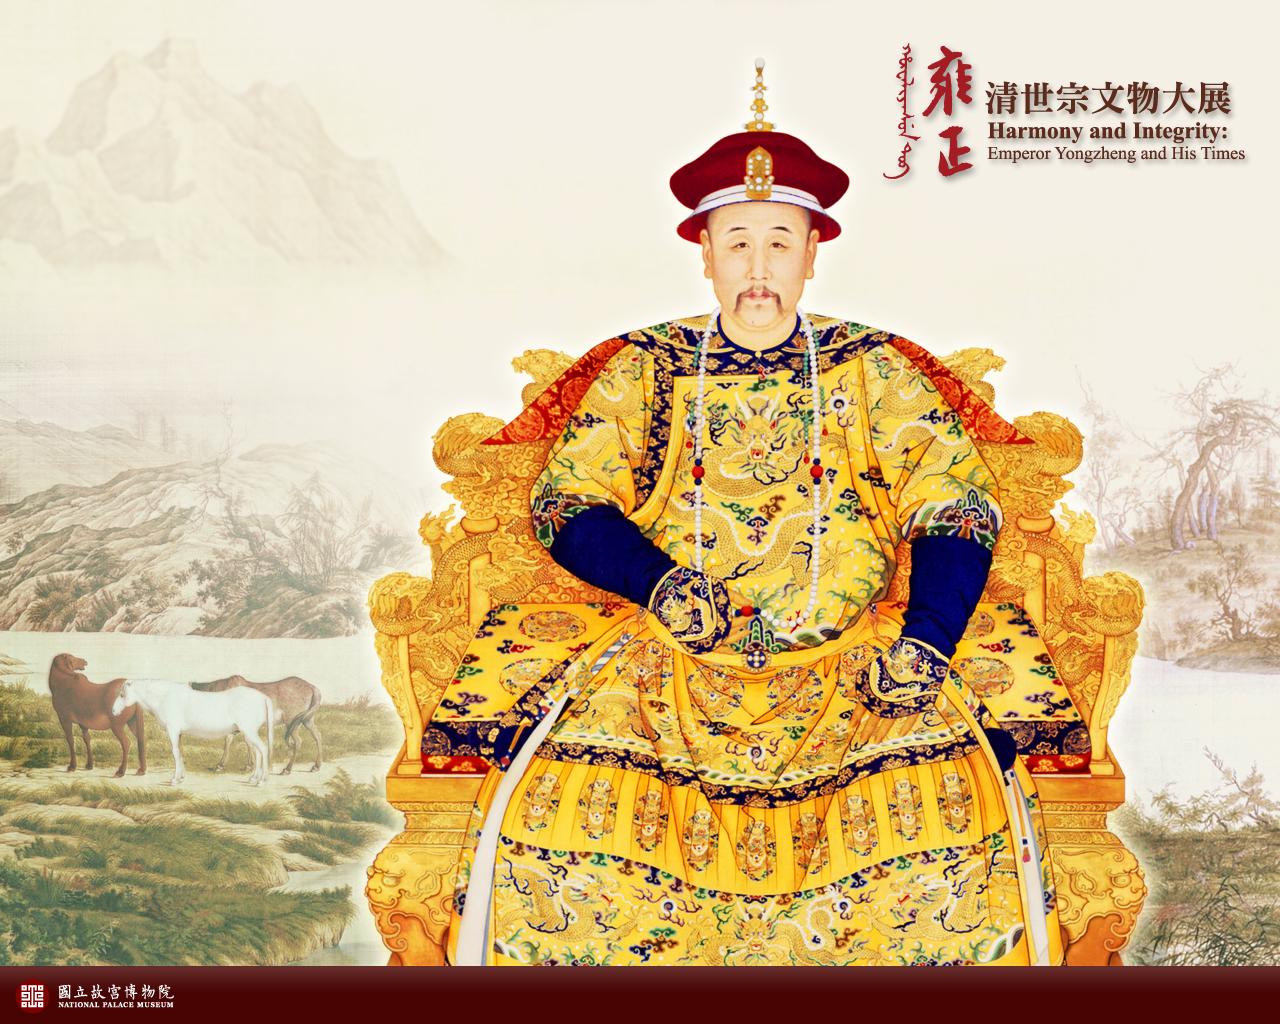 雍正帝撤年羹尧职务的理由有点萌 - 江湖客 - 李治亚的博客